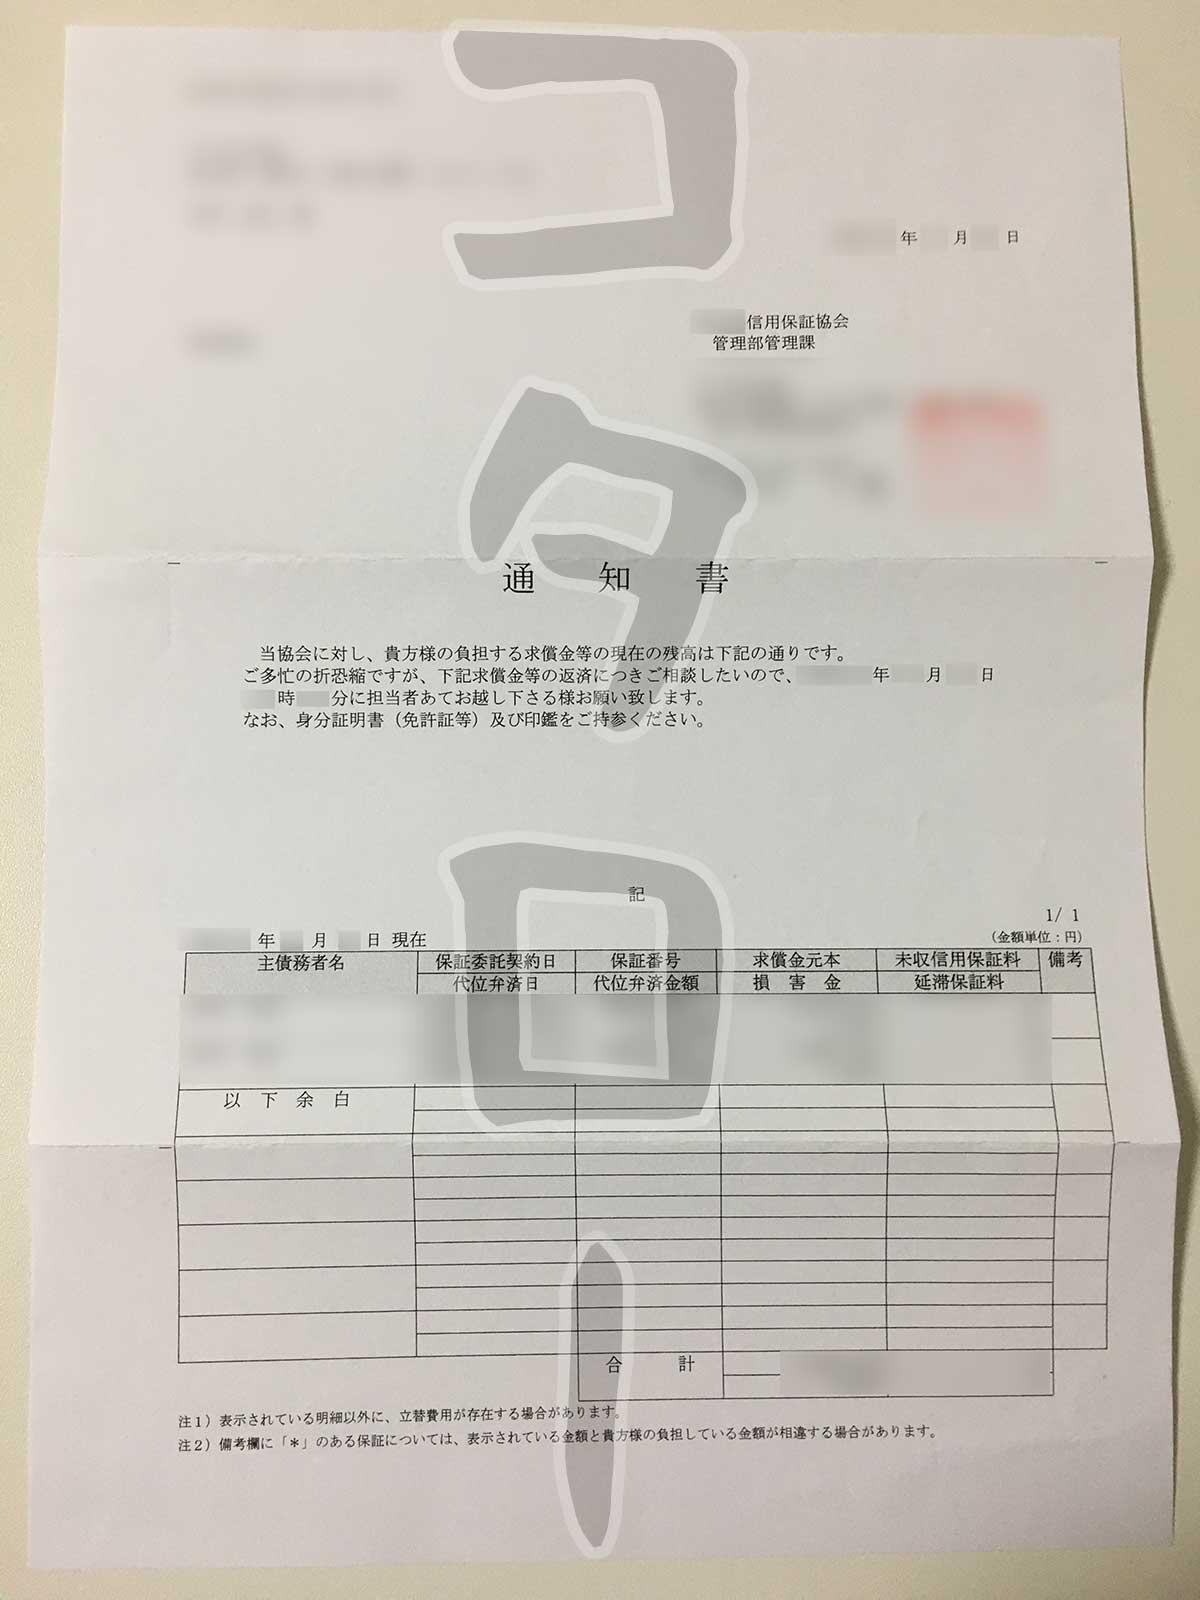 信用保証協会通知書